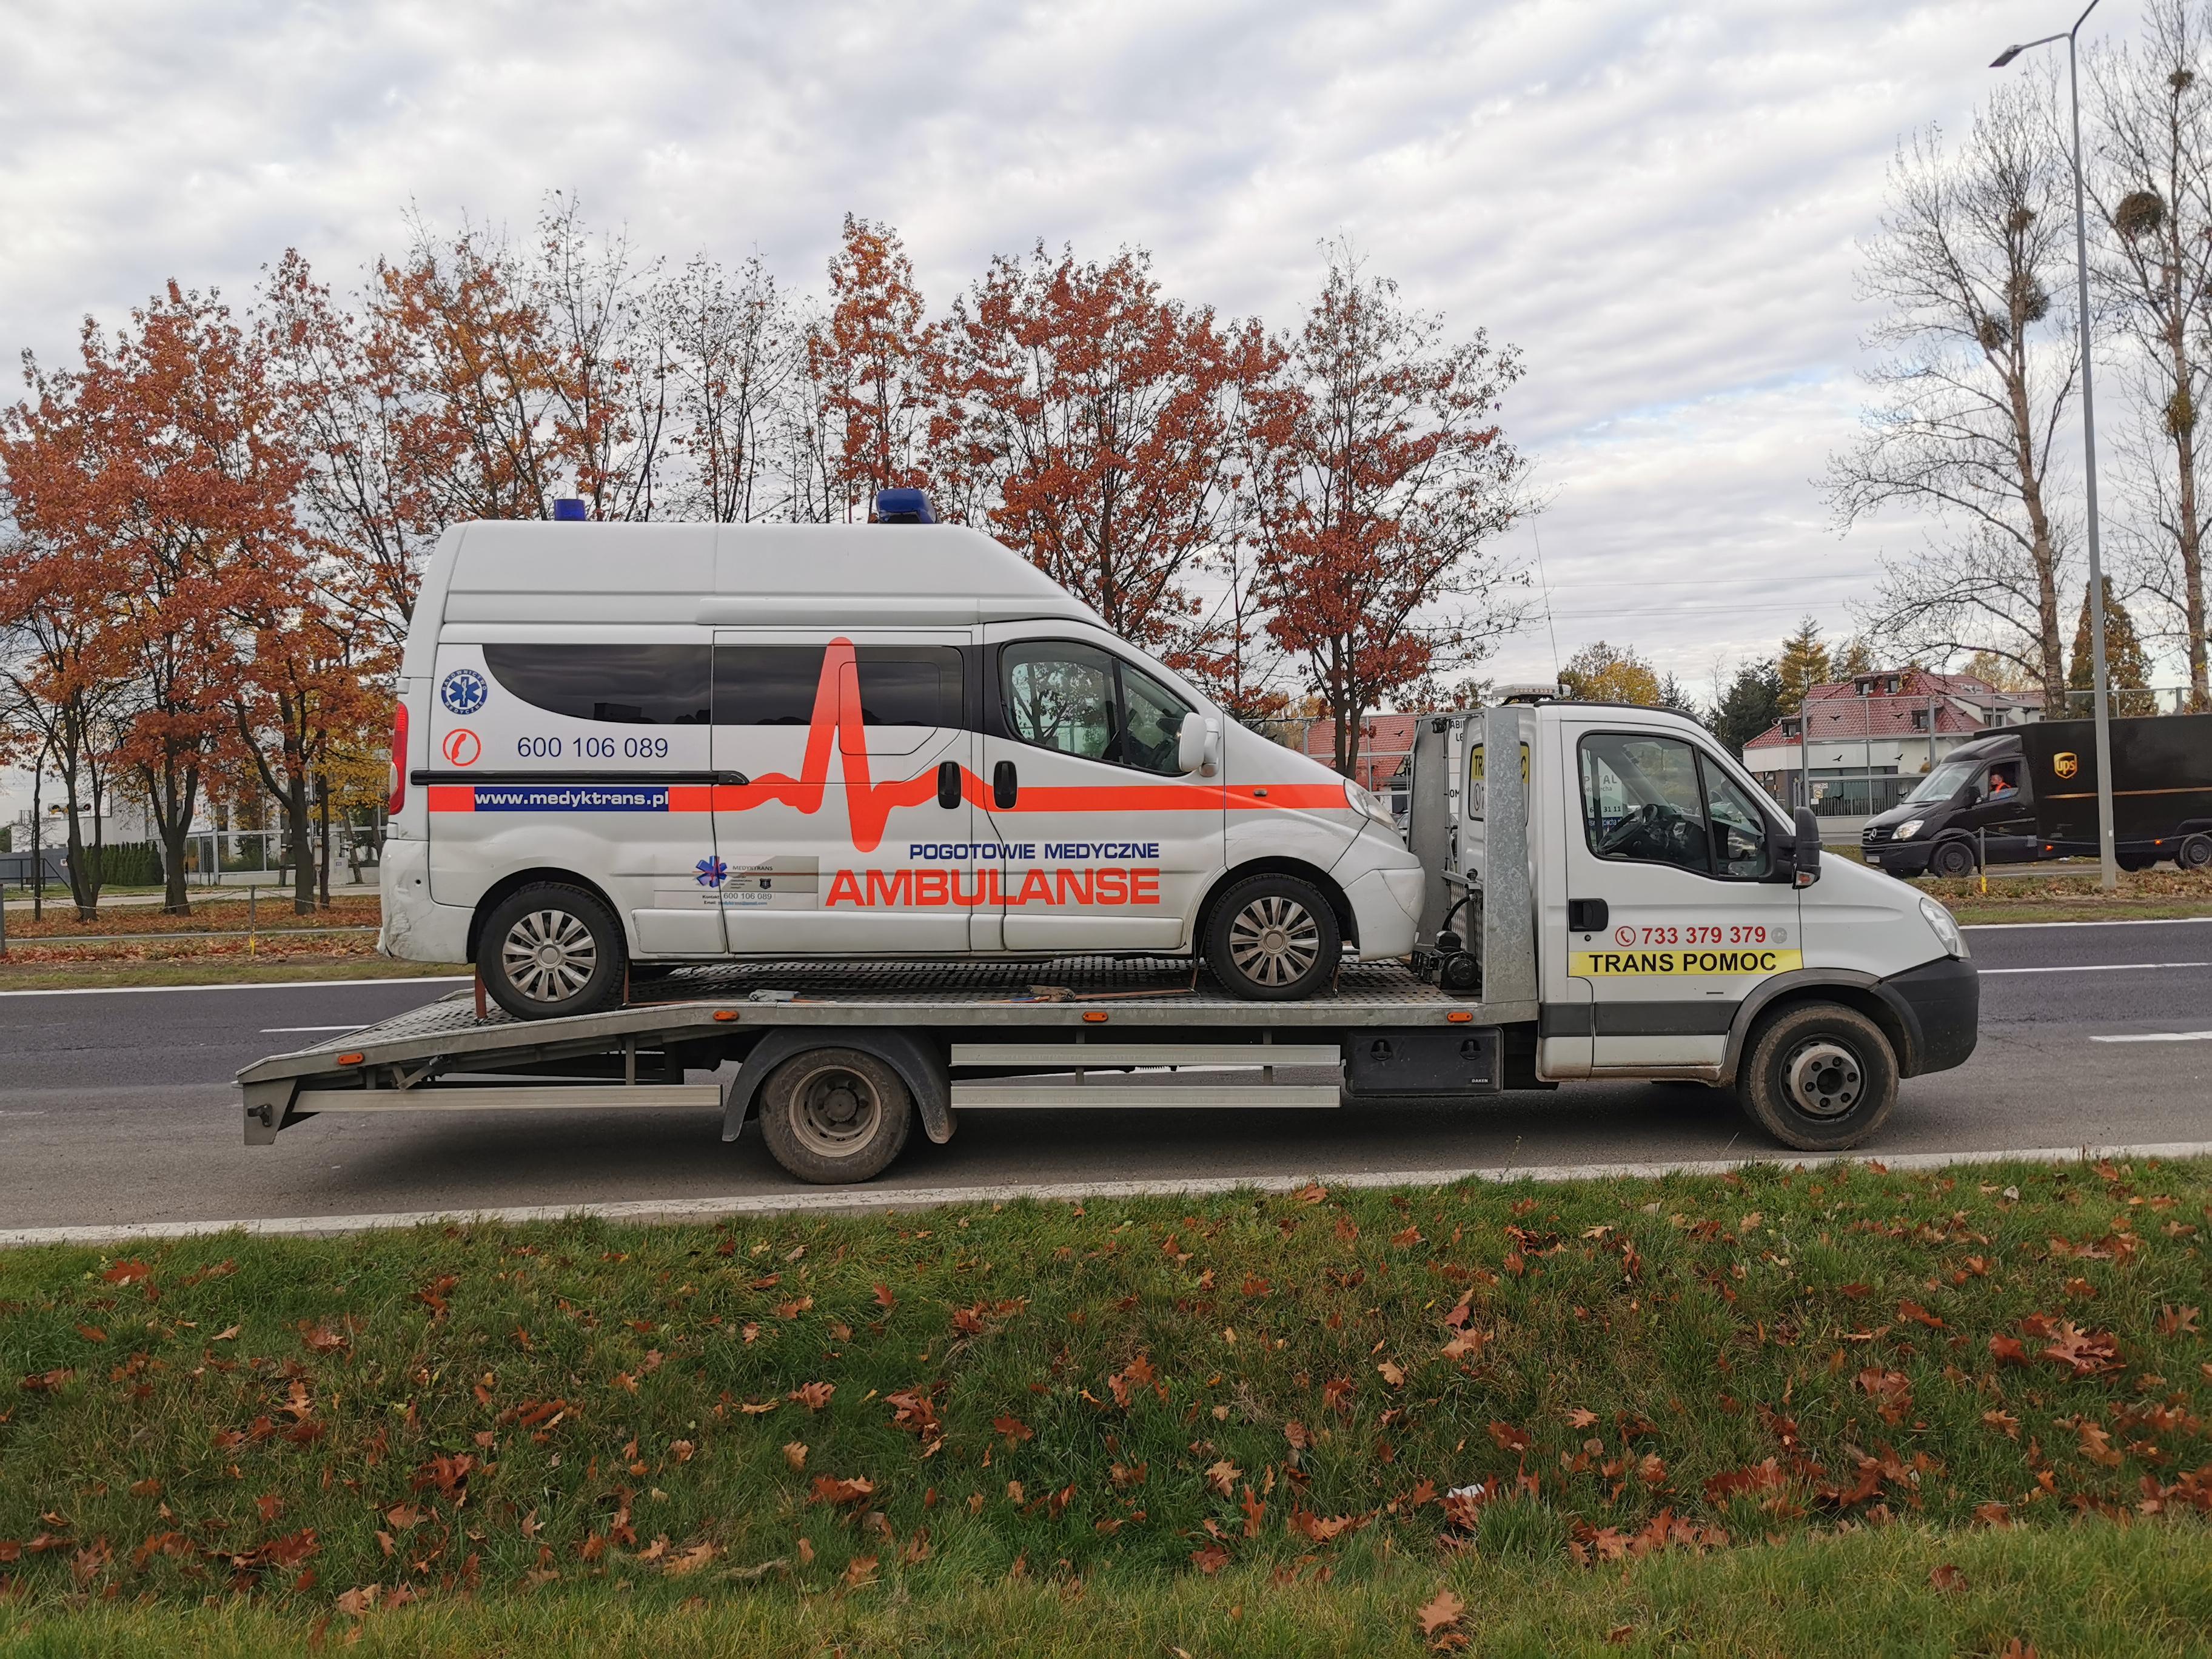 Autoholowanie ambulansu